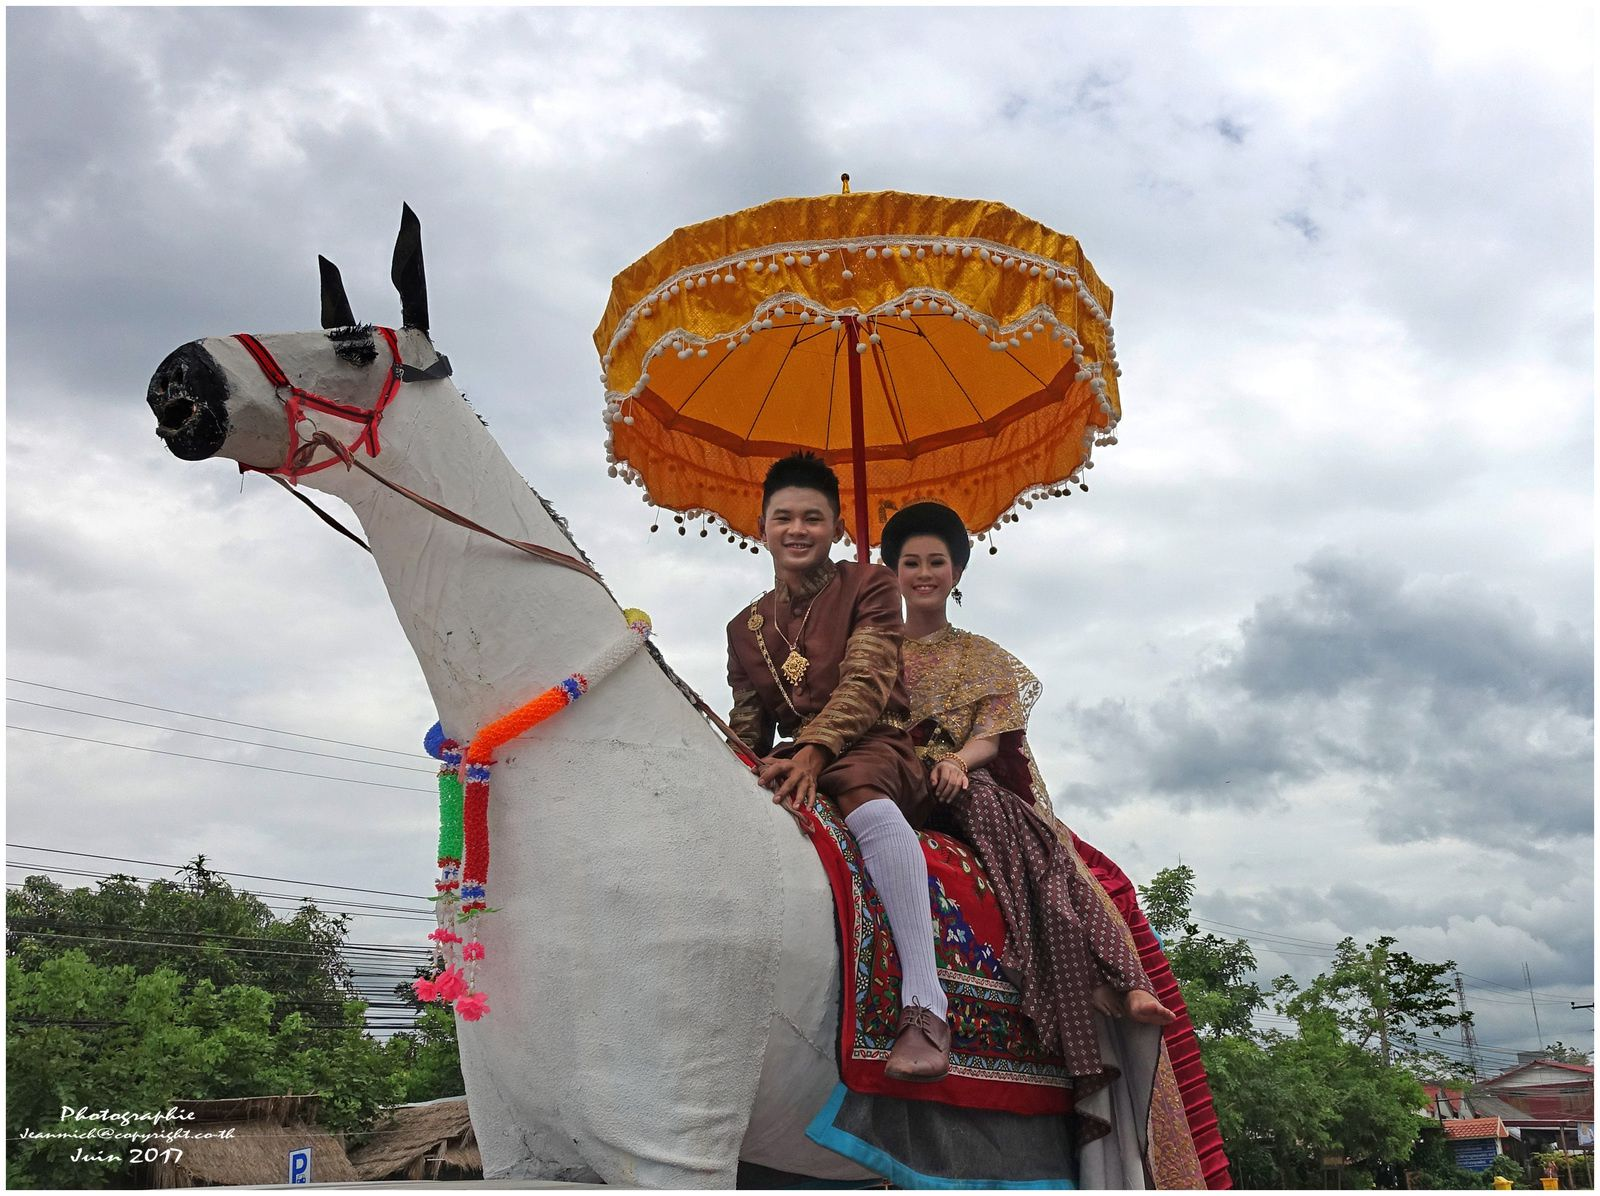 Rocket festival (Thaïlande, Ubonrat)